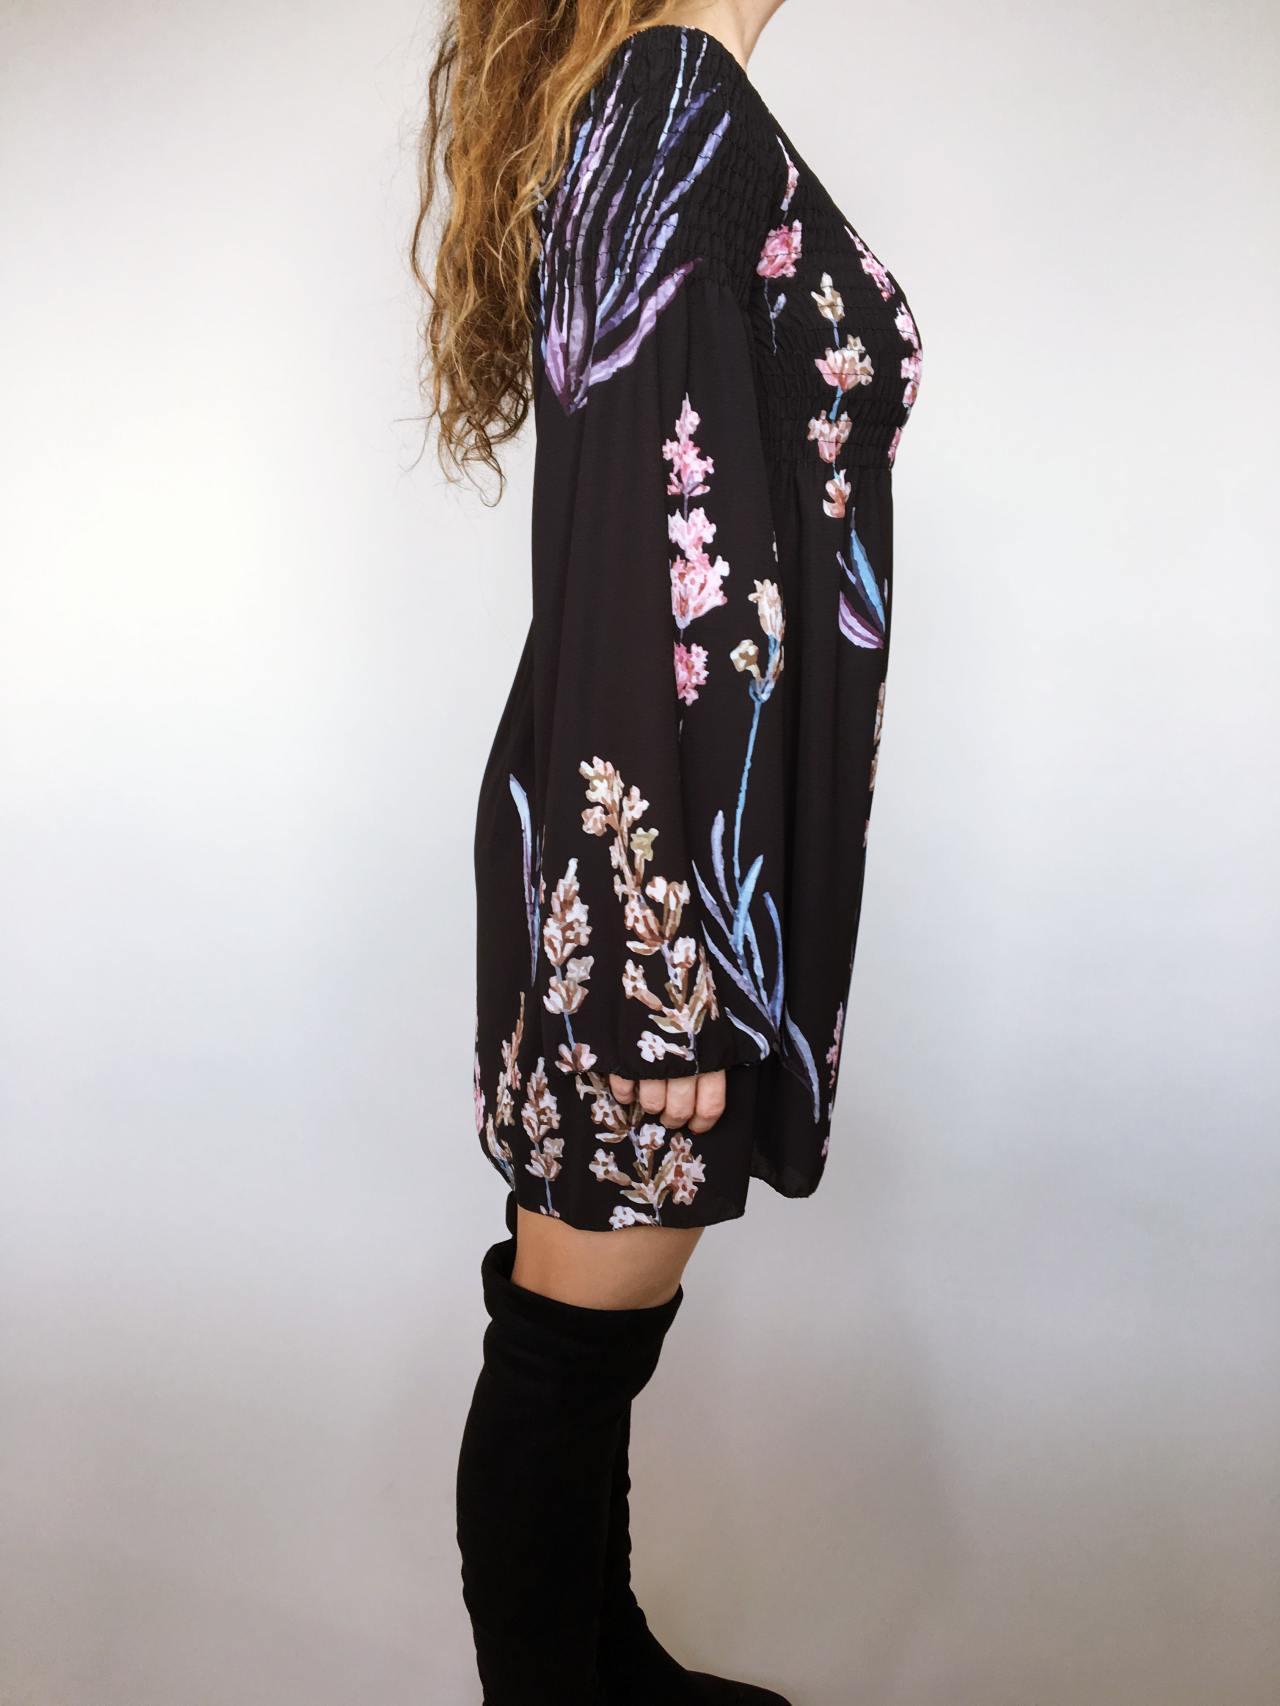 Šaty Flowers černé 03